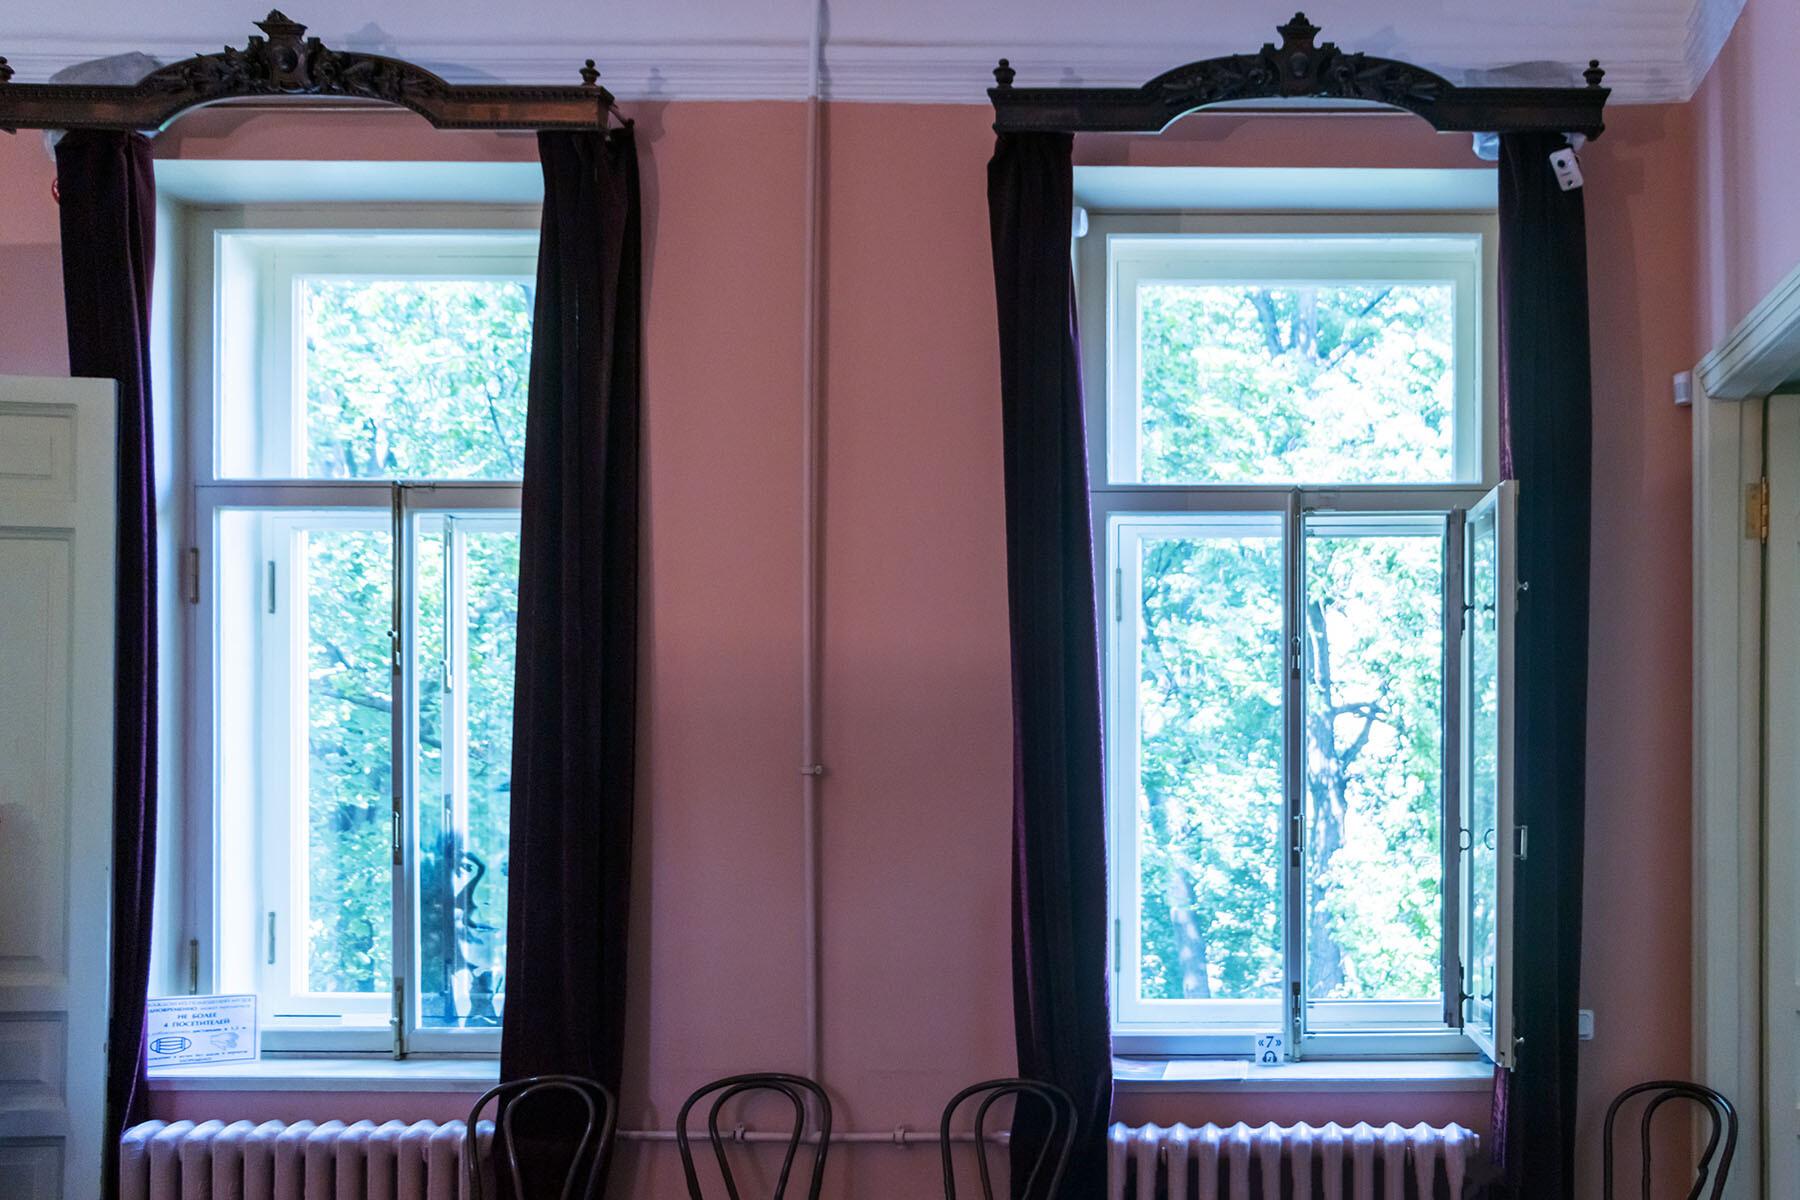 Лестница и прихожая в музее Анны Ахматовой в Фонтанном доме Петербурга IMG_1992-0.jpg